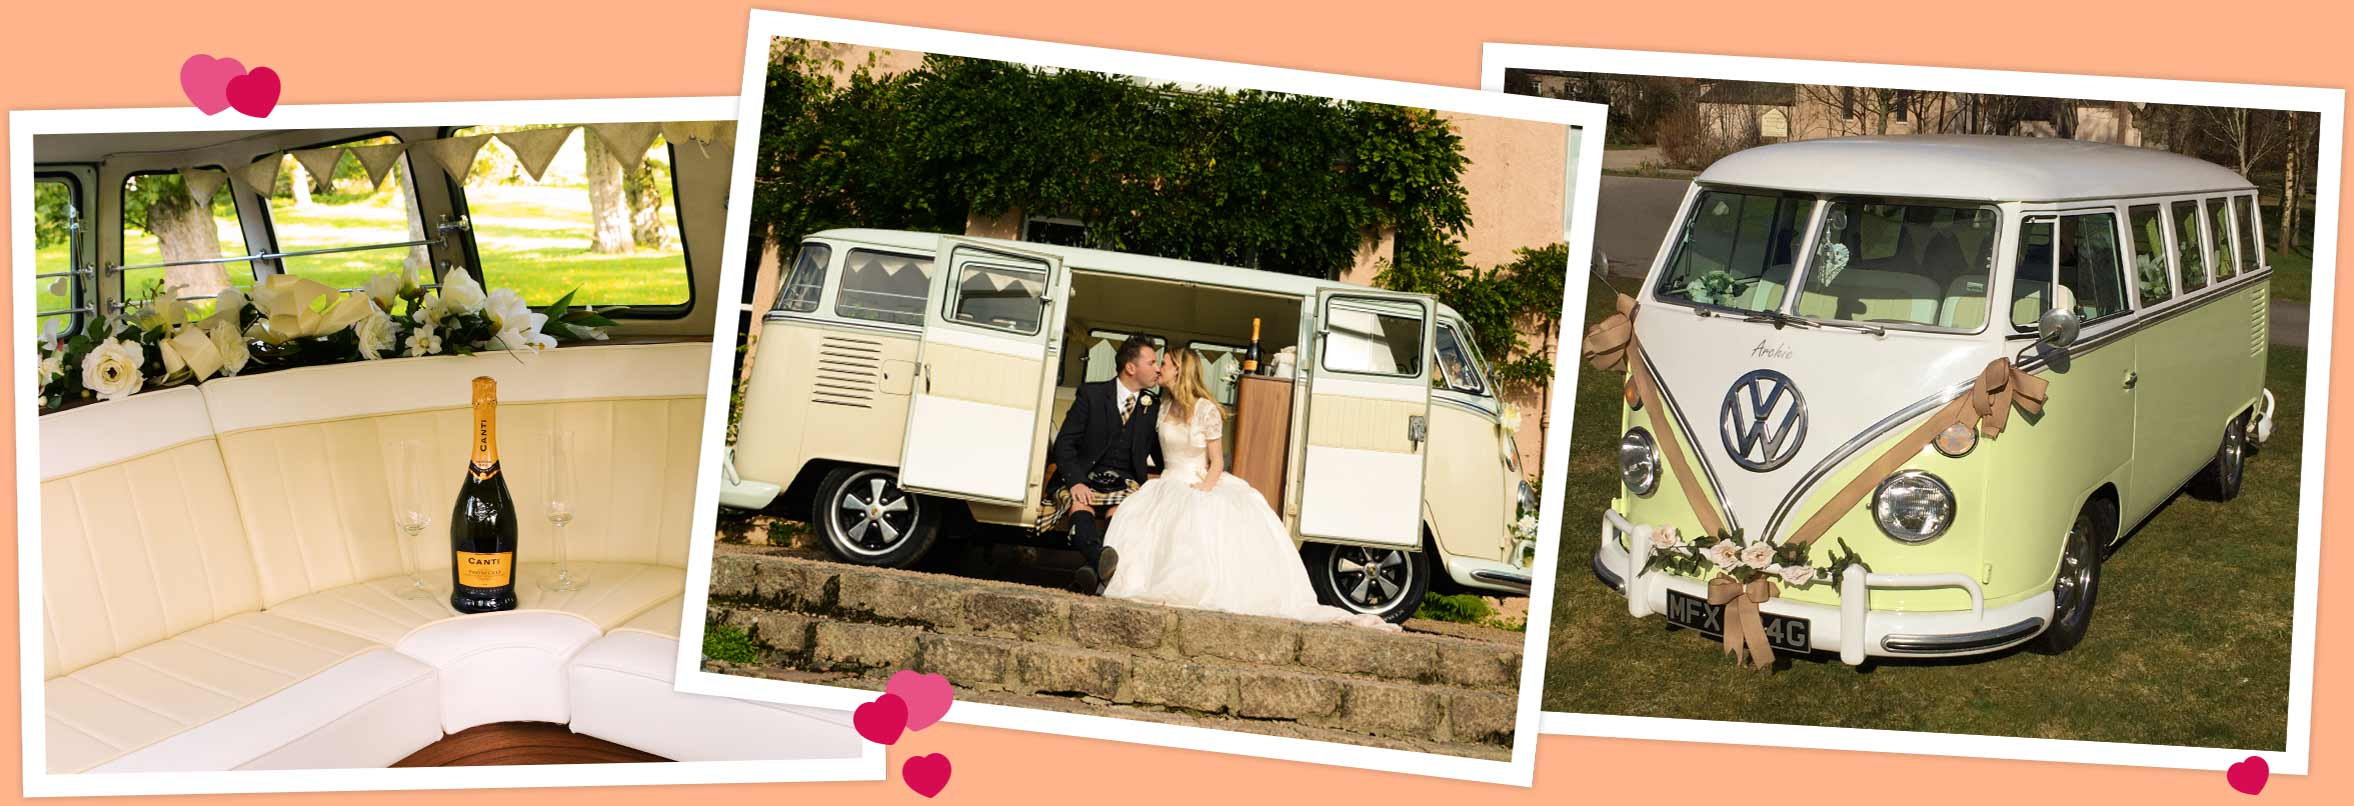 Wedding Campervan Aberdeen